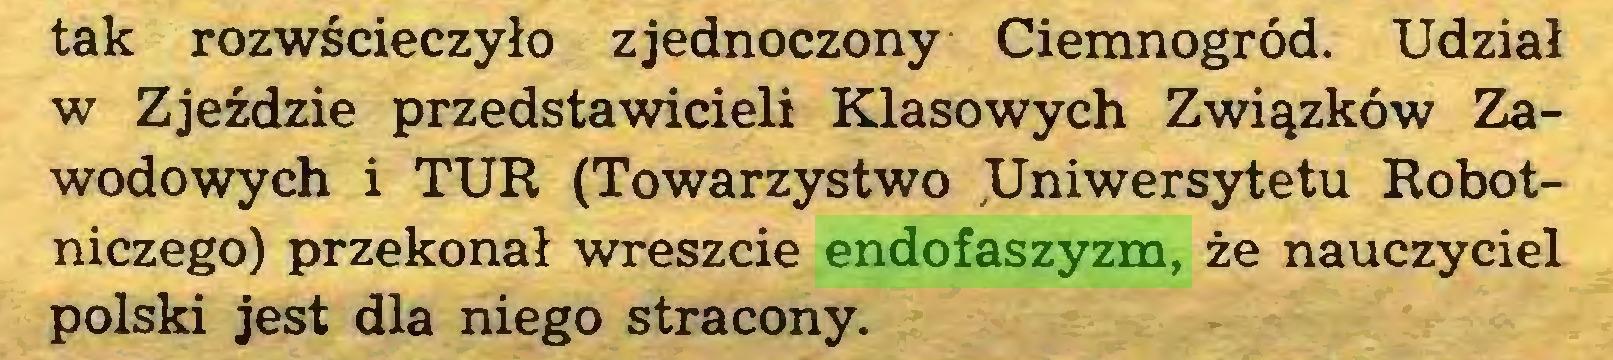 (...) tak rozwścieczyło zjednoczony Ciemnogród. Udział w Zjeździe przedstawicieli Klasowych Związków Zawodowych i TUR (Towarzystwo Uniwersytetu Robotniczego) przekonał wreszcie endofaszyzm, że nauczyciel polski jest dla niego stracony...